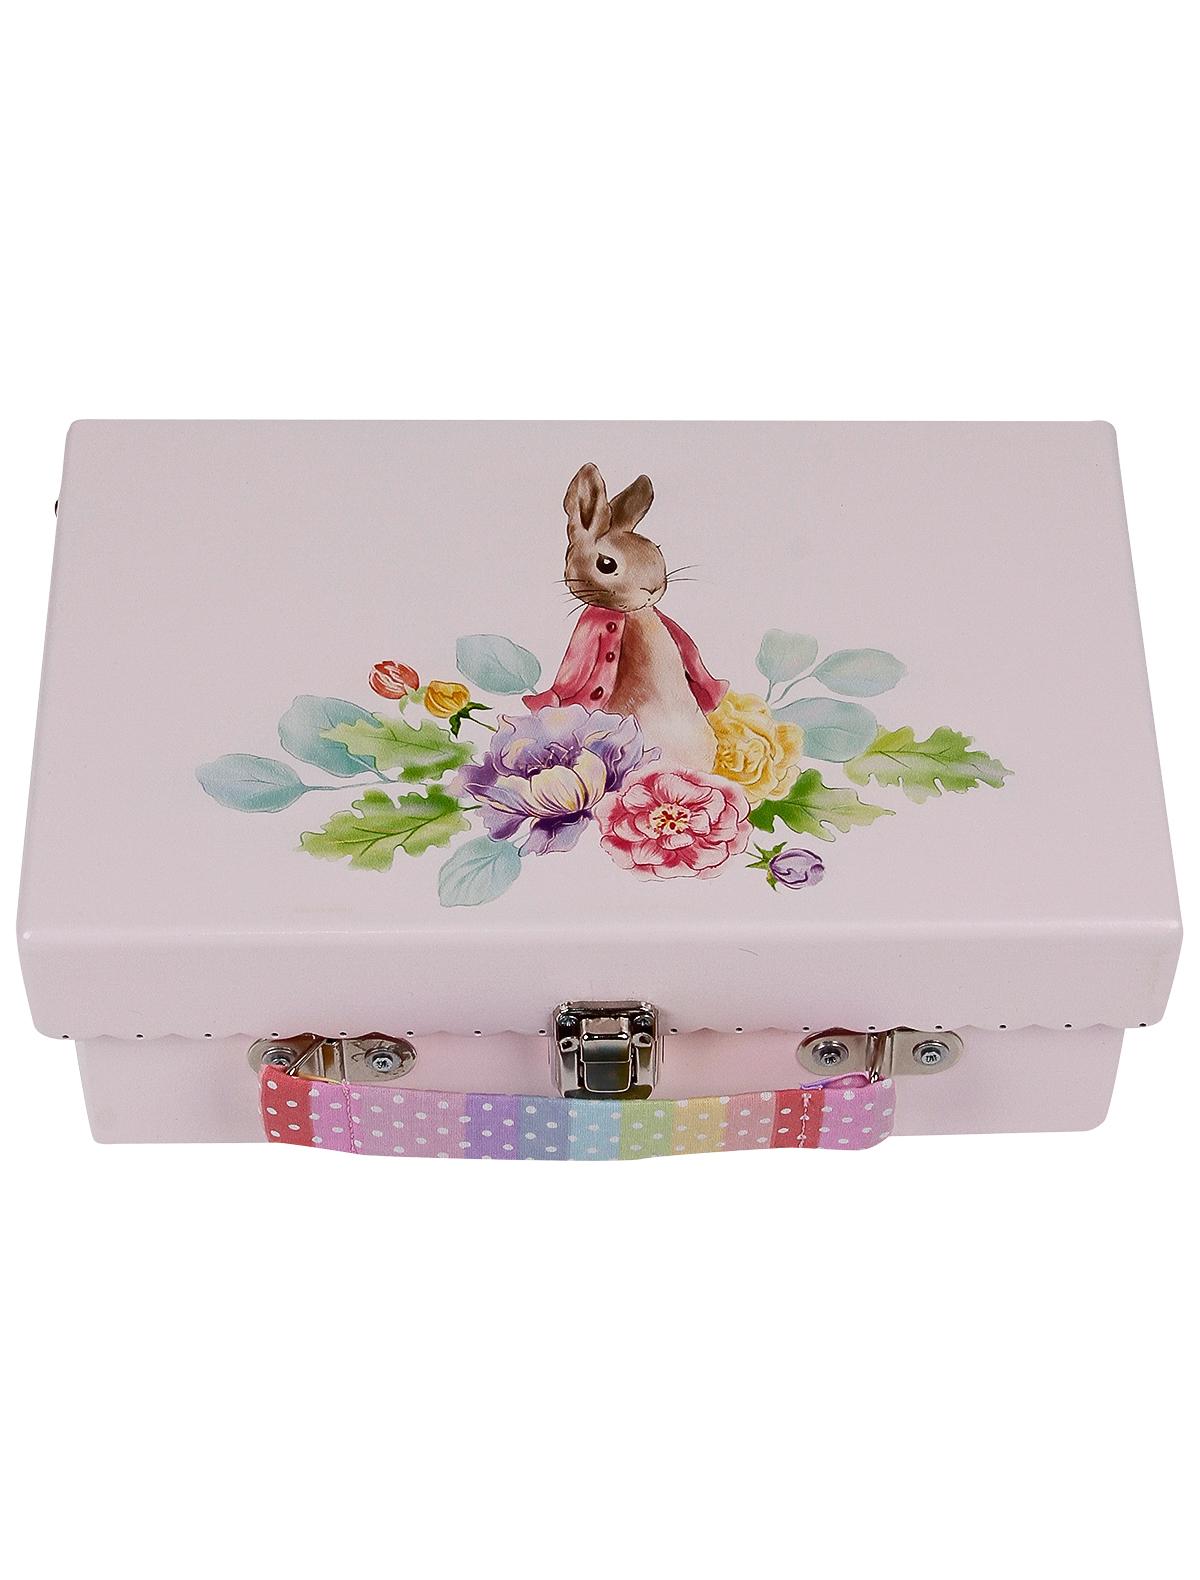 Купить 2210785, Игрушка Carolon, розовый, 7134520070250